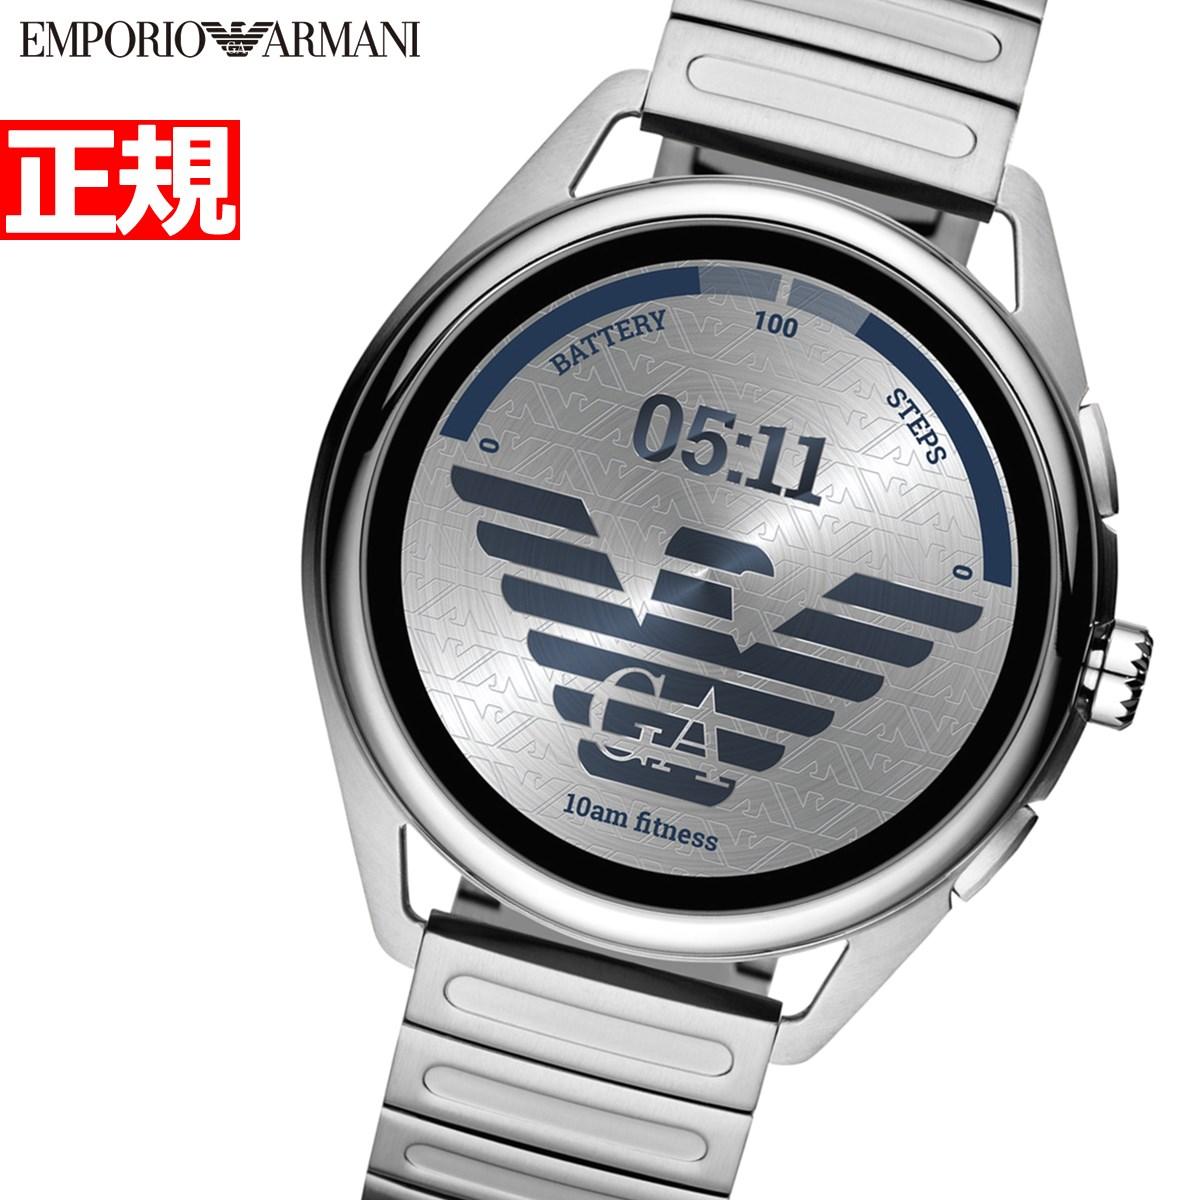 【5日0時~♪10%OFFクーポン&店内ポイント最大51倍!5日23時59分まで】エンポリオアルマーニ EMPORIO ARMANI コネクテッド スマートウォッチ ウェアラブル 腕時計 メンズ ART5026【2020 新作】